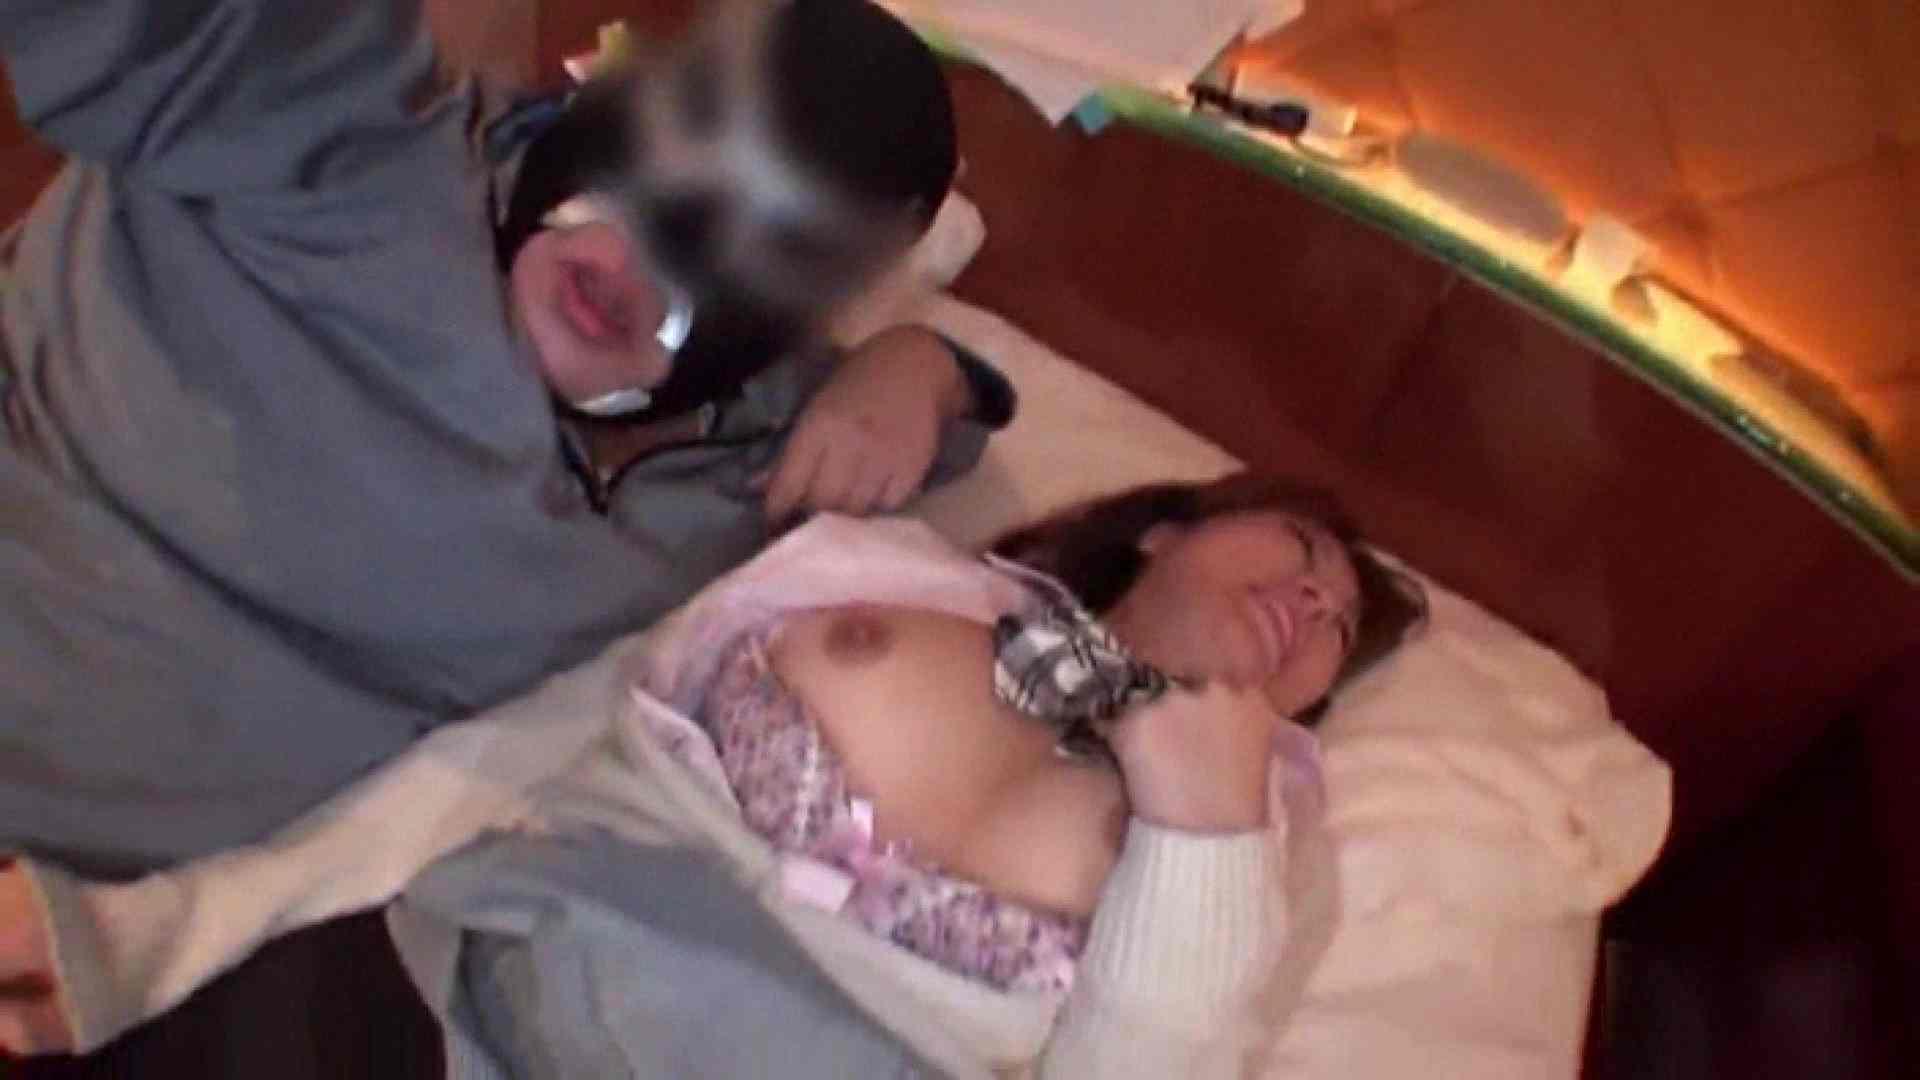 おしえてギャル子のH塾 Vol.05 後編 一般投稿 ヌード画像 101pic 28